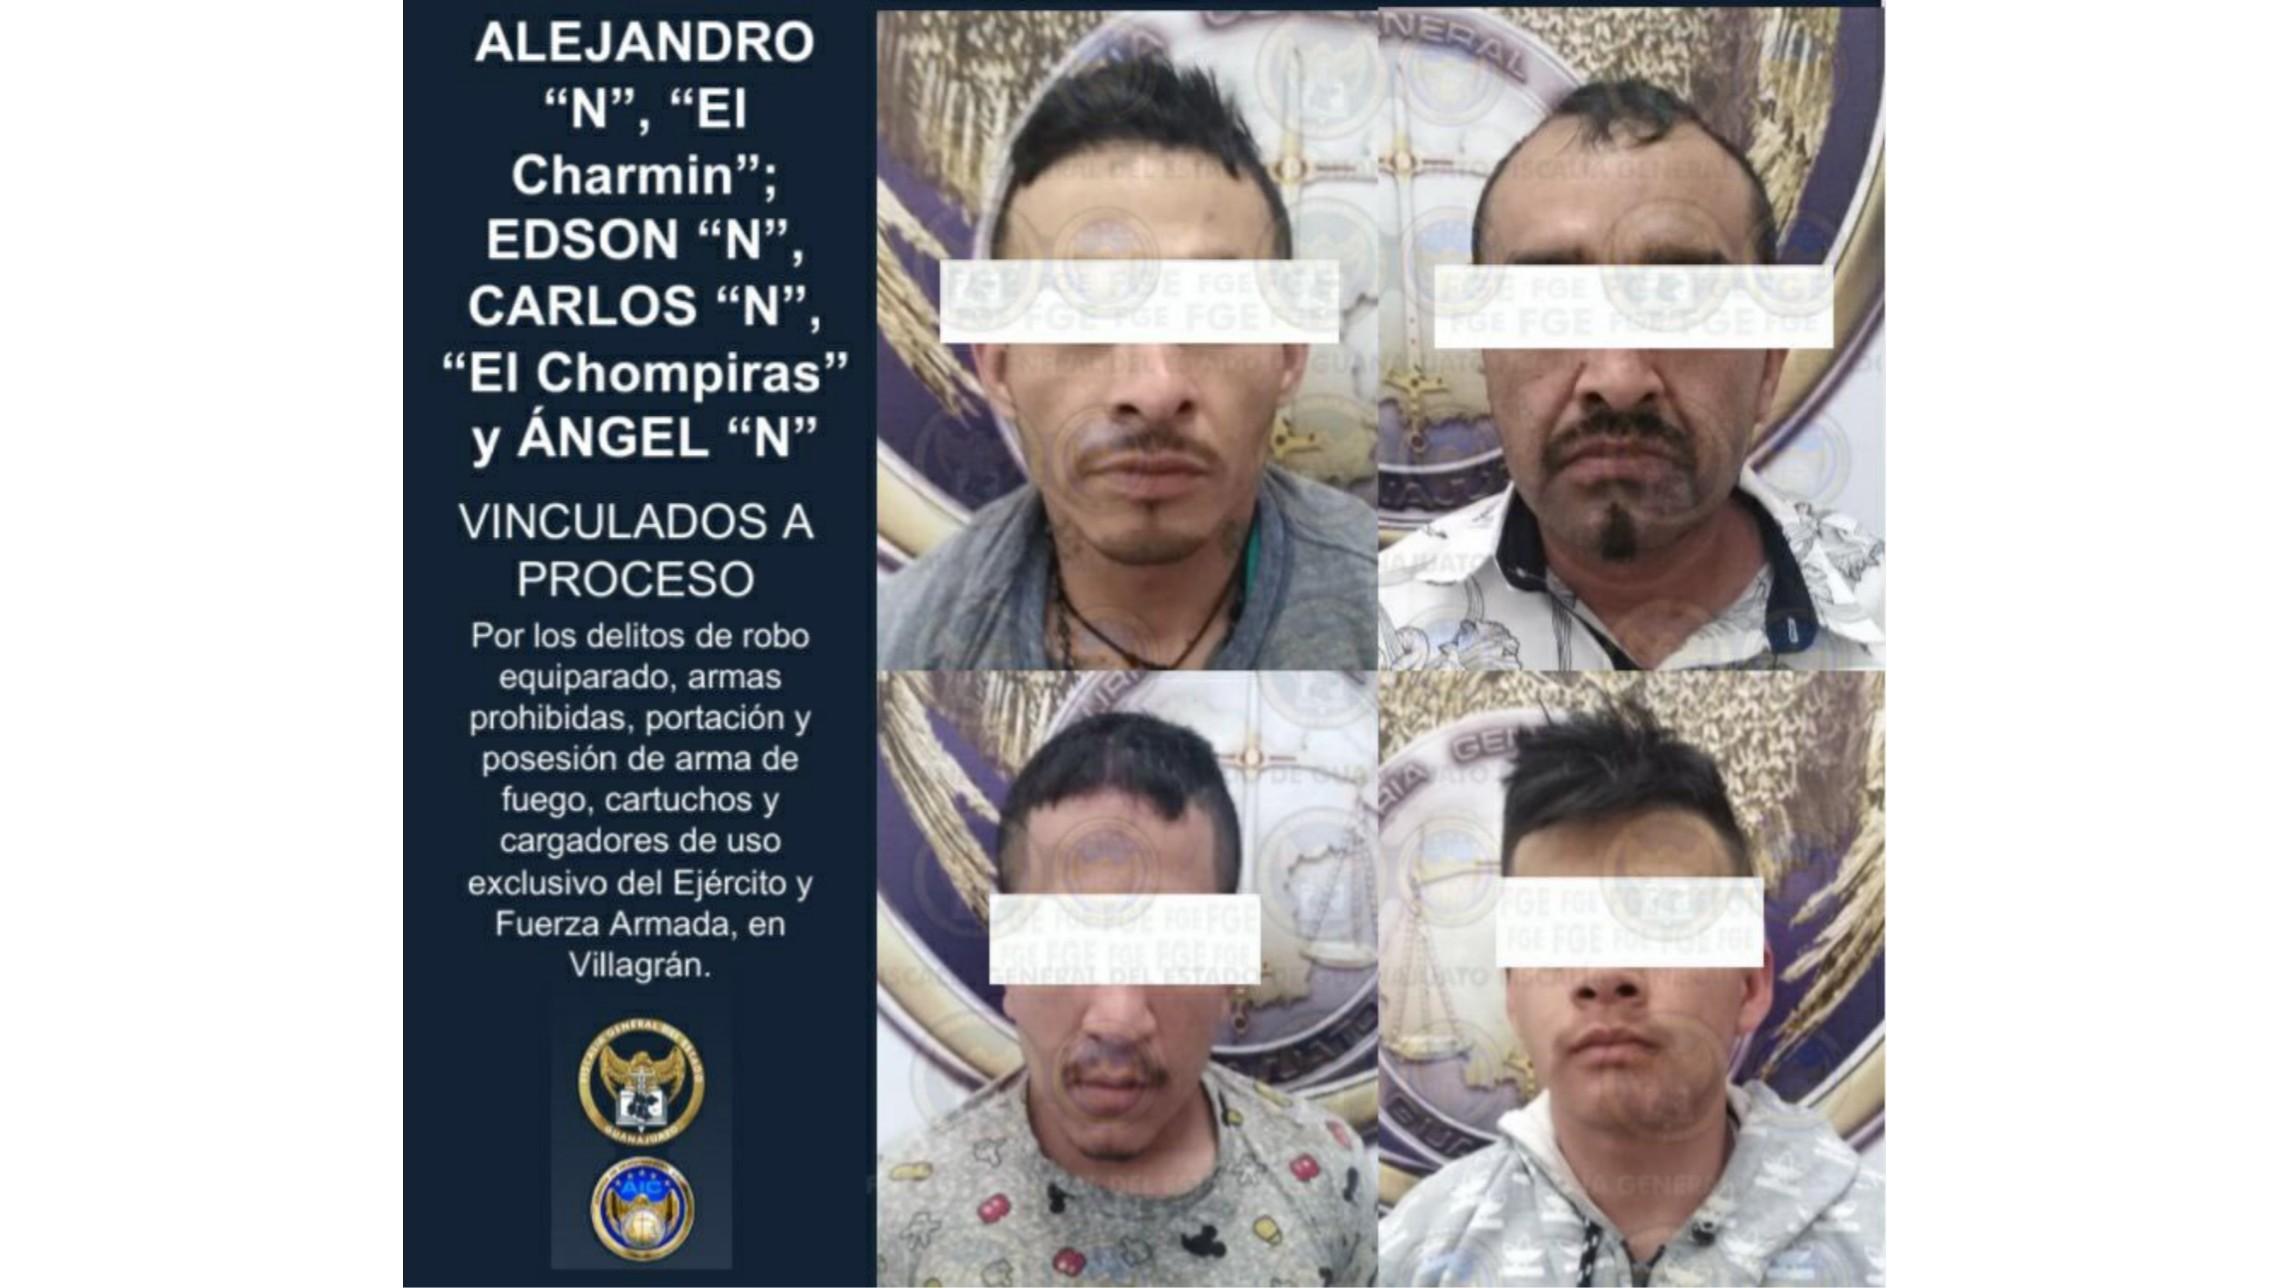 Prisión preventiva y vinculación a proceso en contra de cuatro sujetos por robo equiparado, armas prohibidas y droga. 2